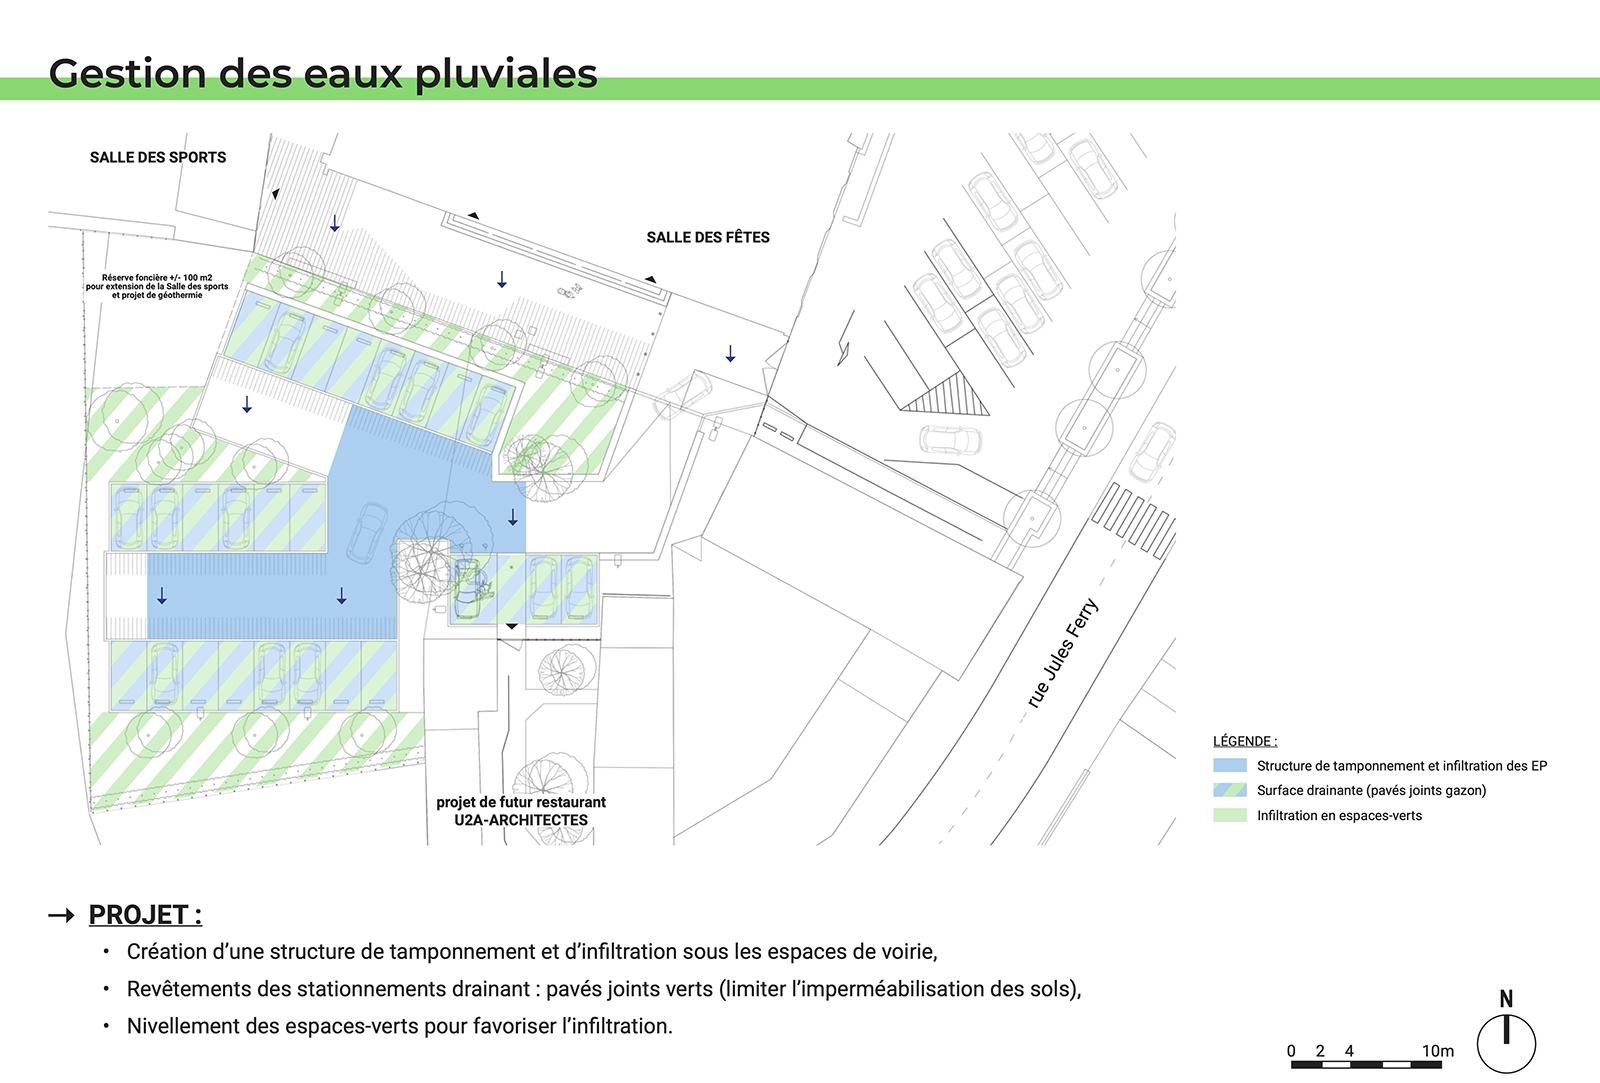 schéma principe gestion eaux pluviales techniques alternatives aménagement urbain paysager raimbeaucourt gabions